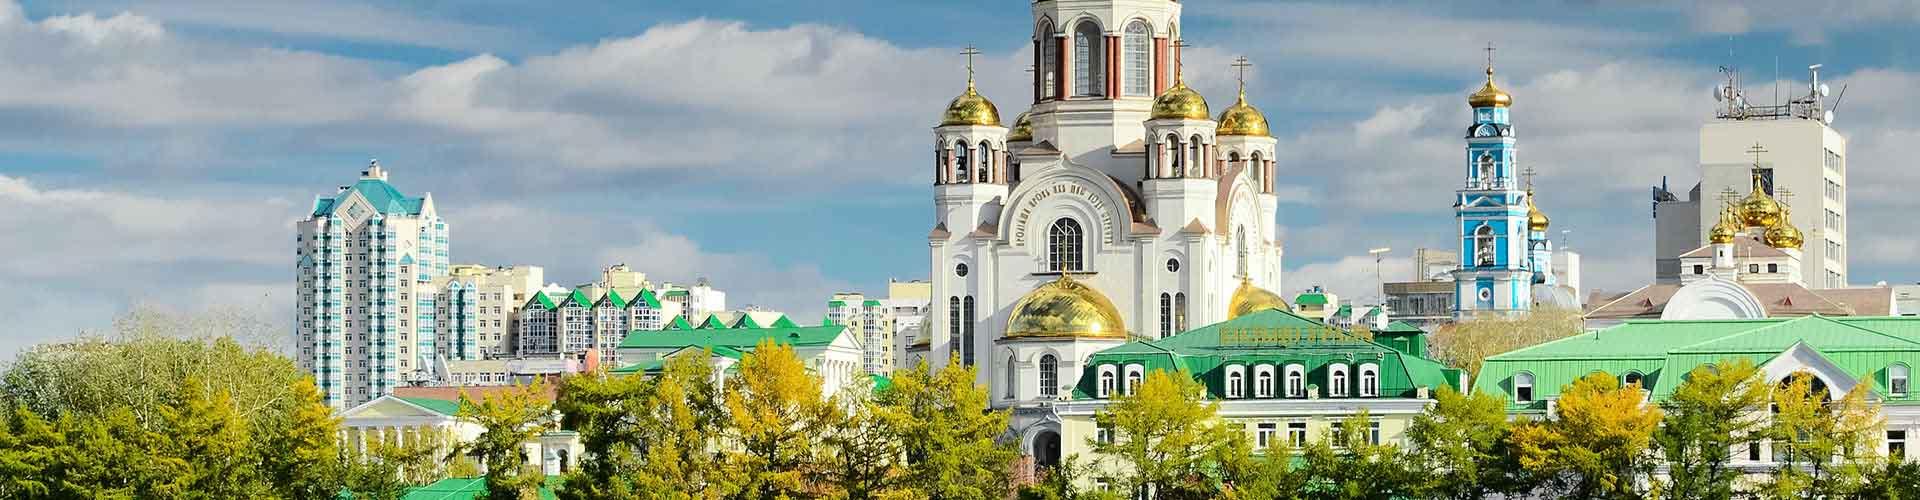 Ekaterimburgo - Hoteles baratos en Ekaterimburgo. Mapas de Ekaterimburgo, Fotos y comentarios de cada Hotel en Ekaterimburgo.